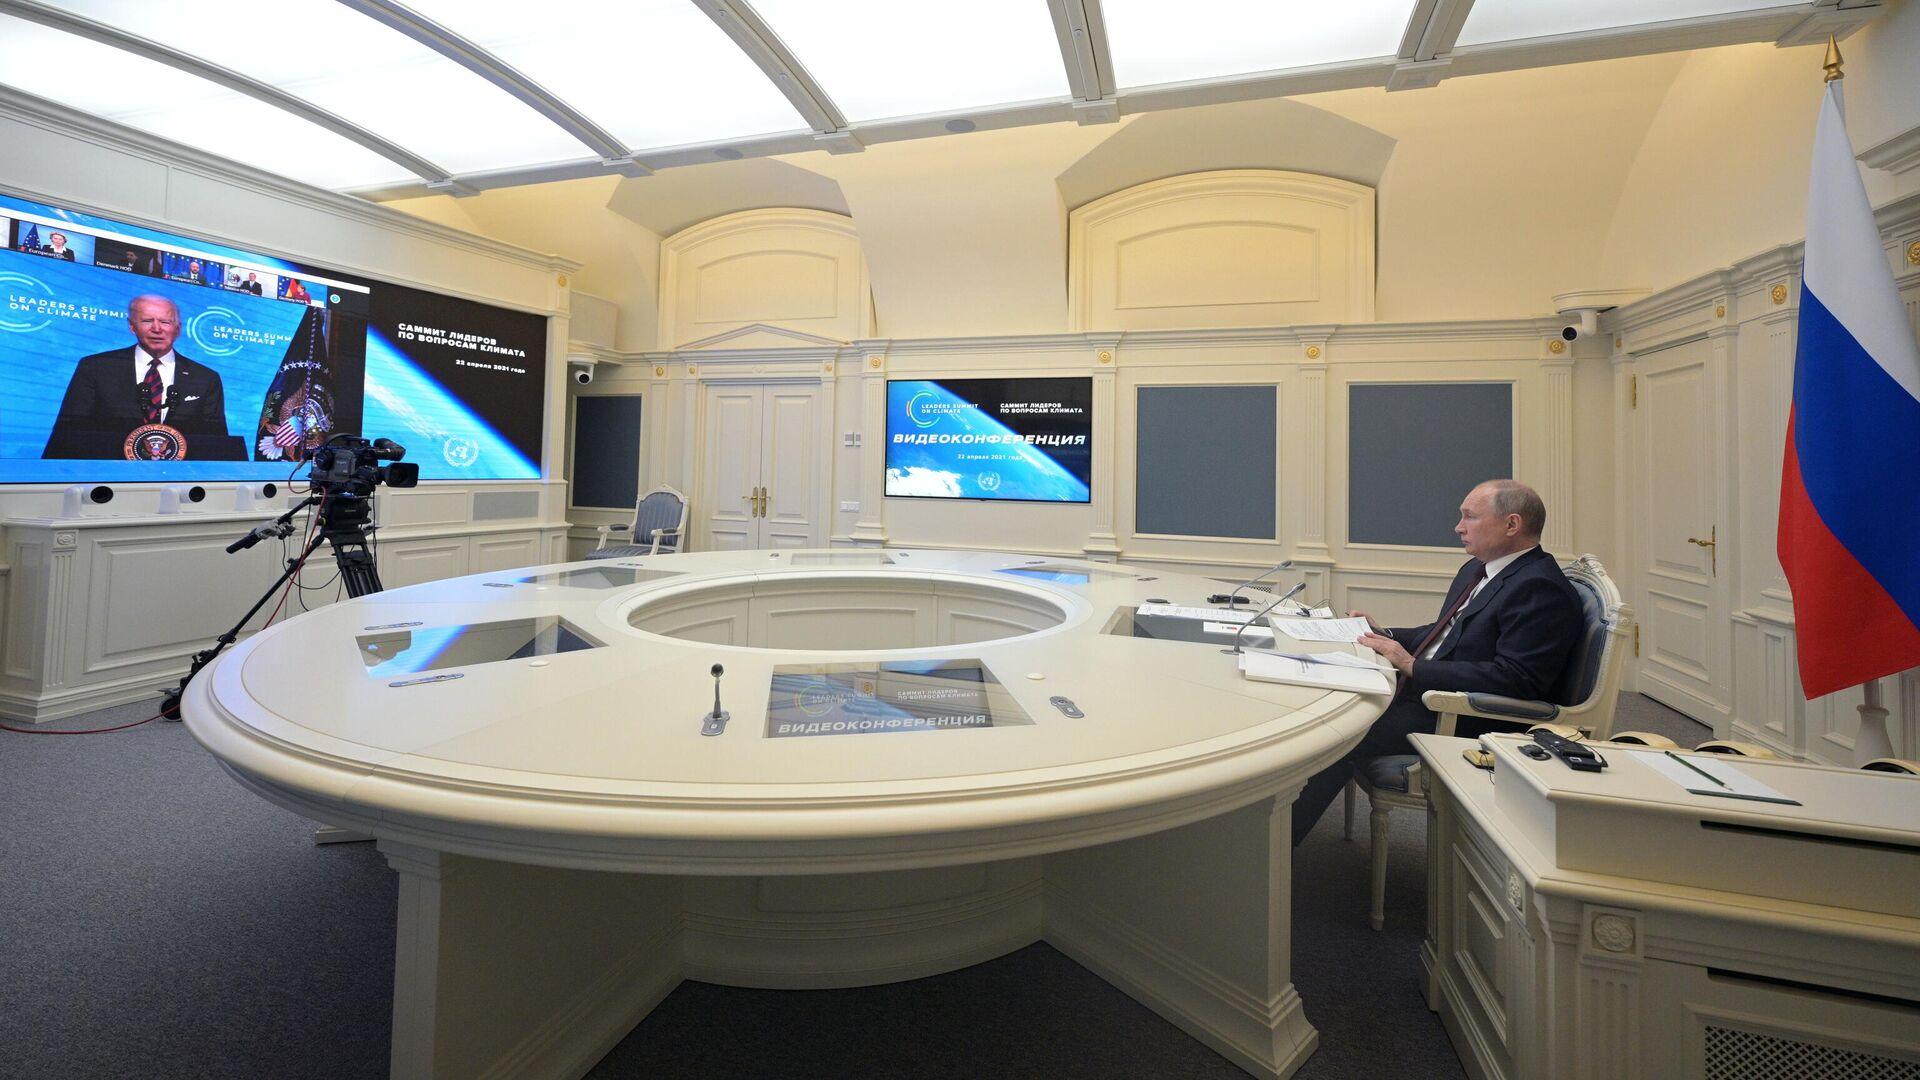 Президент РФ Владимир Путин выступает на Саммите лидеров по вопросам климата в формате видеоконференции - РИА Новости, 1920, 25.04.2021